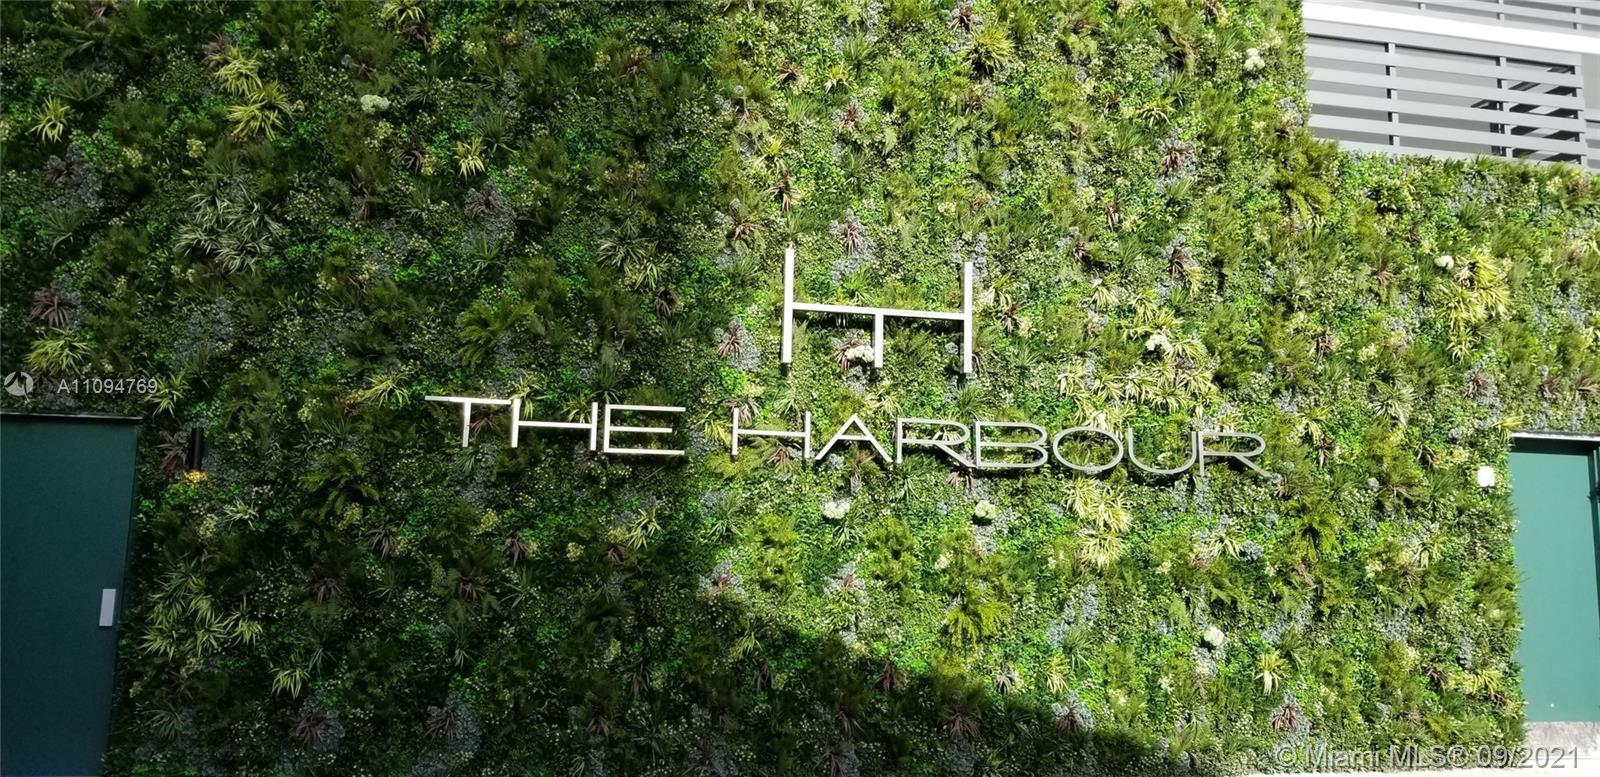 The Harbour #2705 - 16385 Biscayne Blvd #2705, North Miami Beach, FL 33160